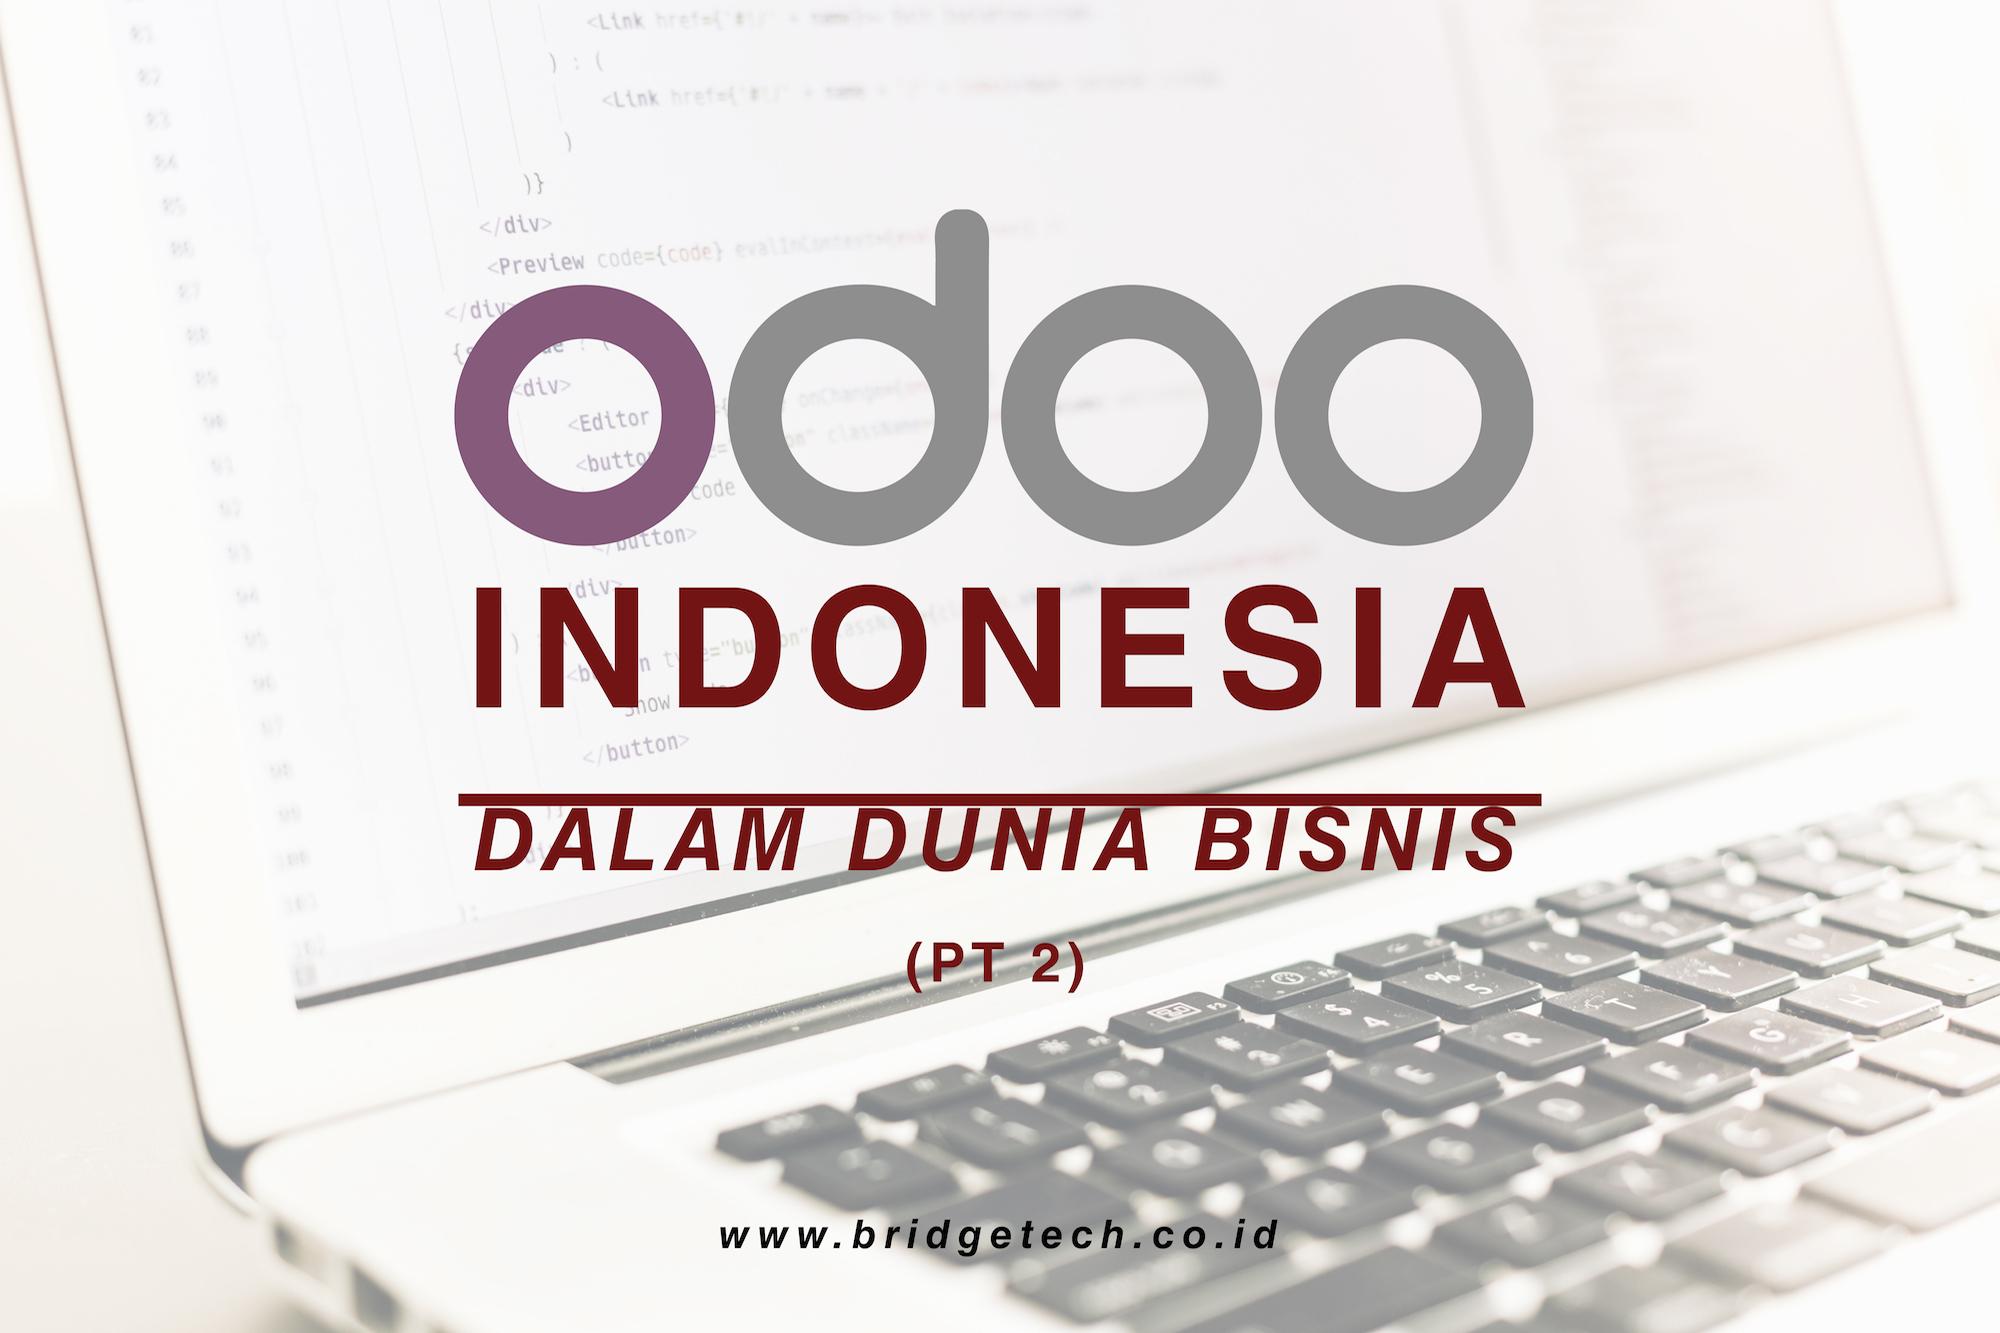 Odoo Indonesia dalam dunia bisnis (Pt.2)